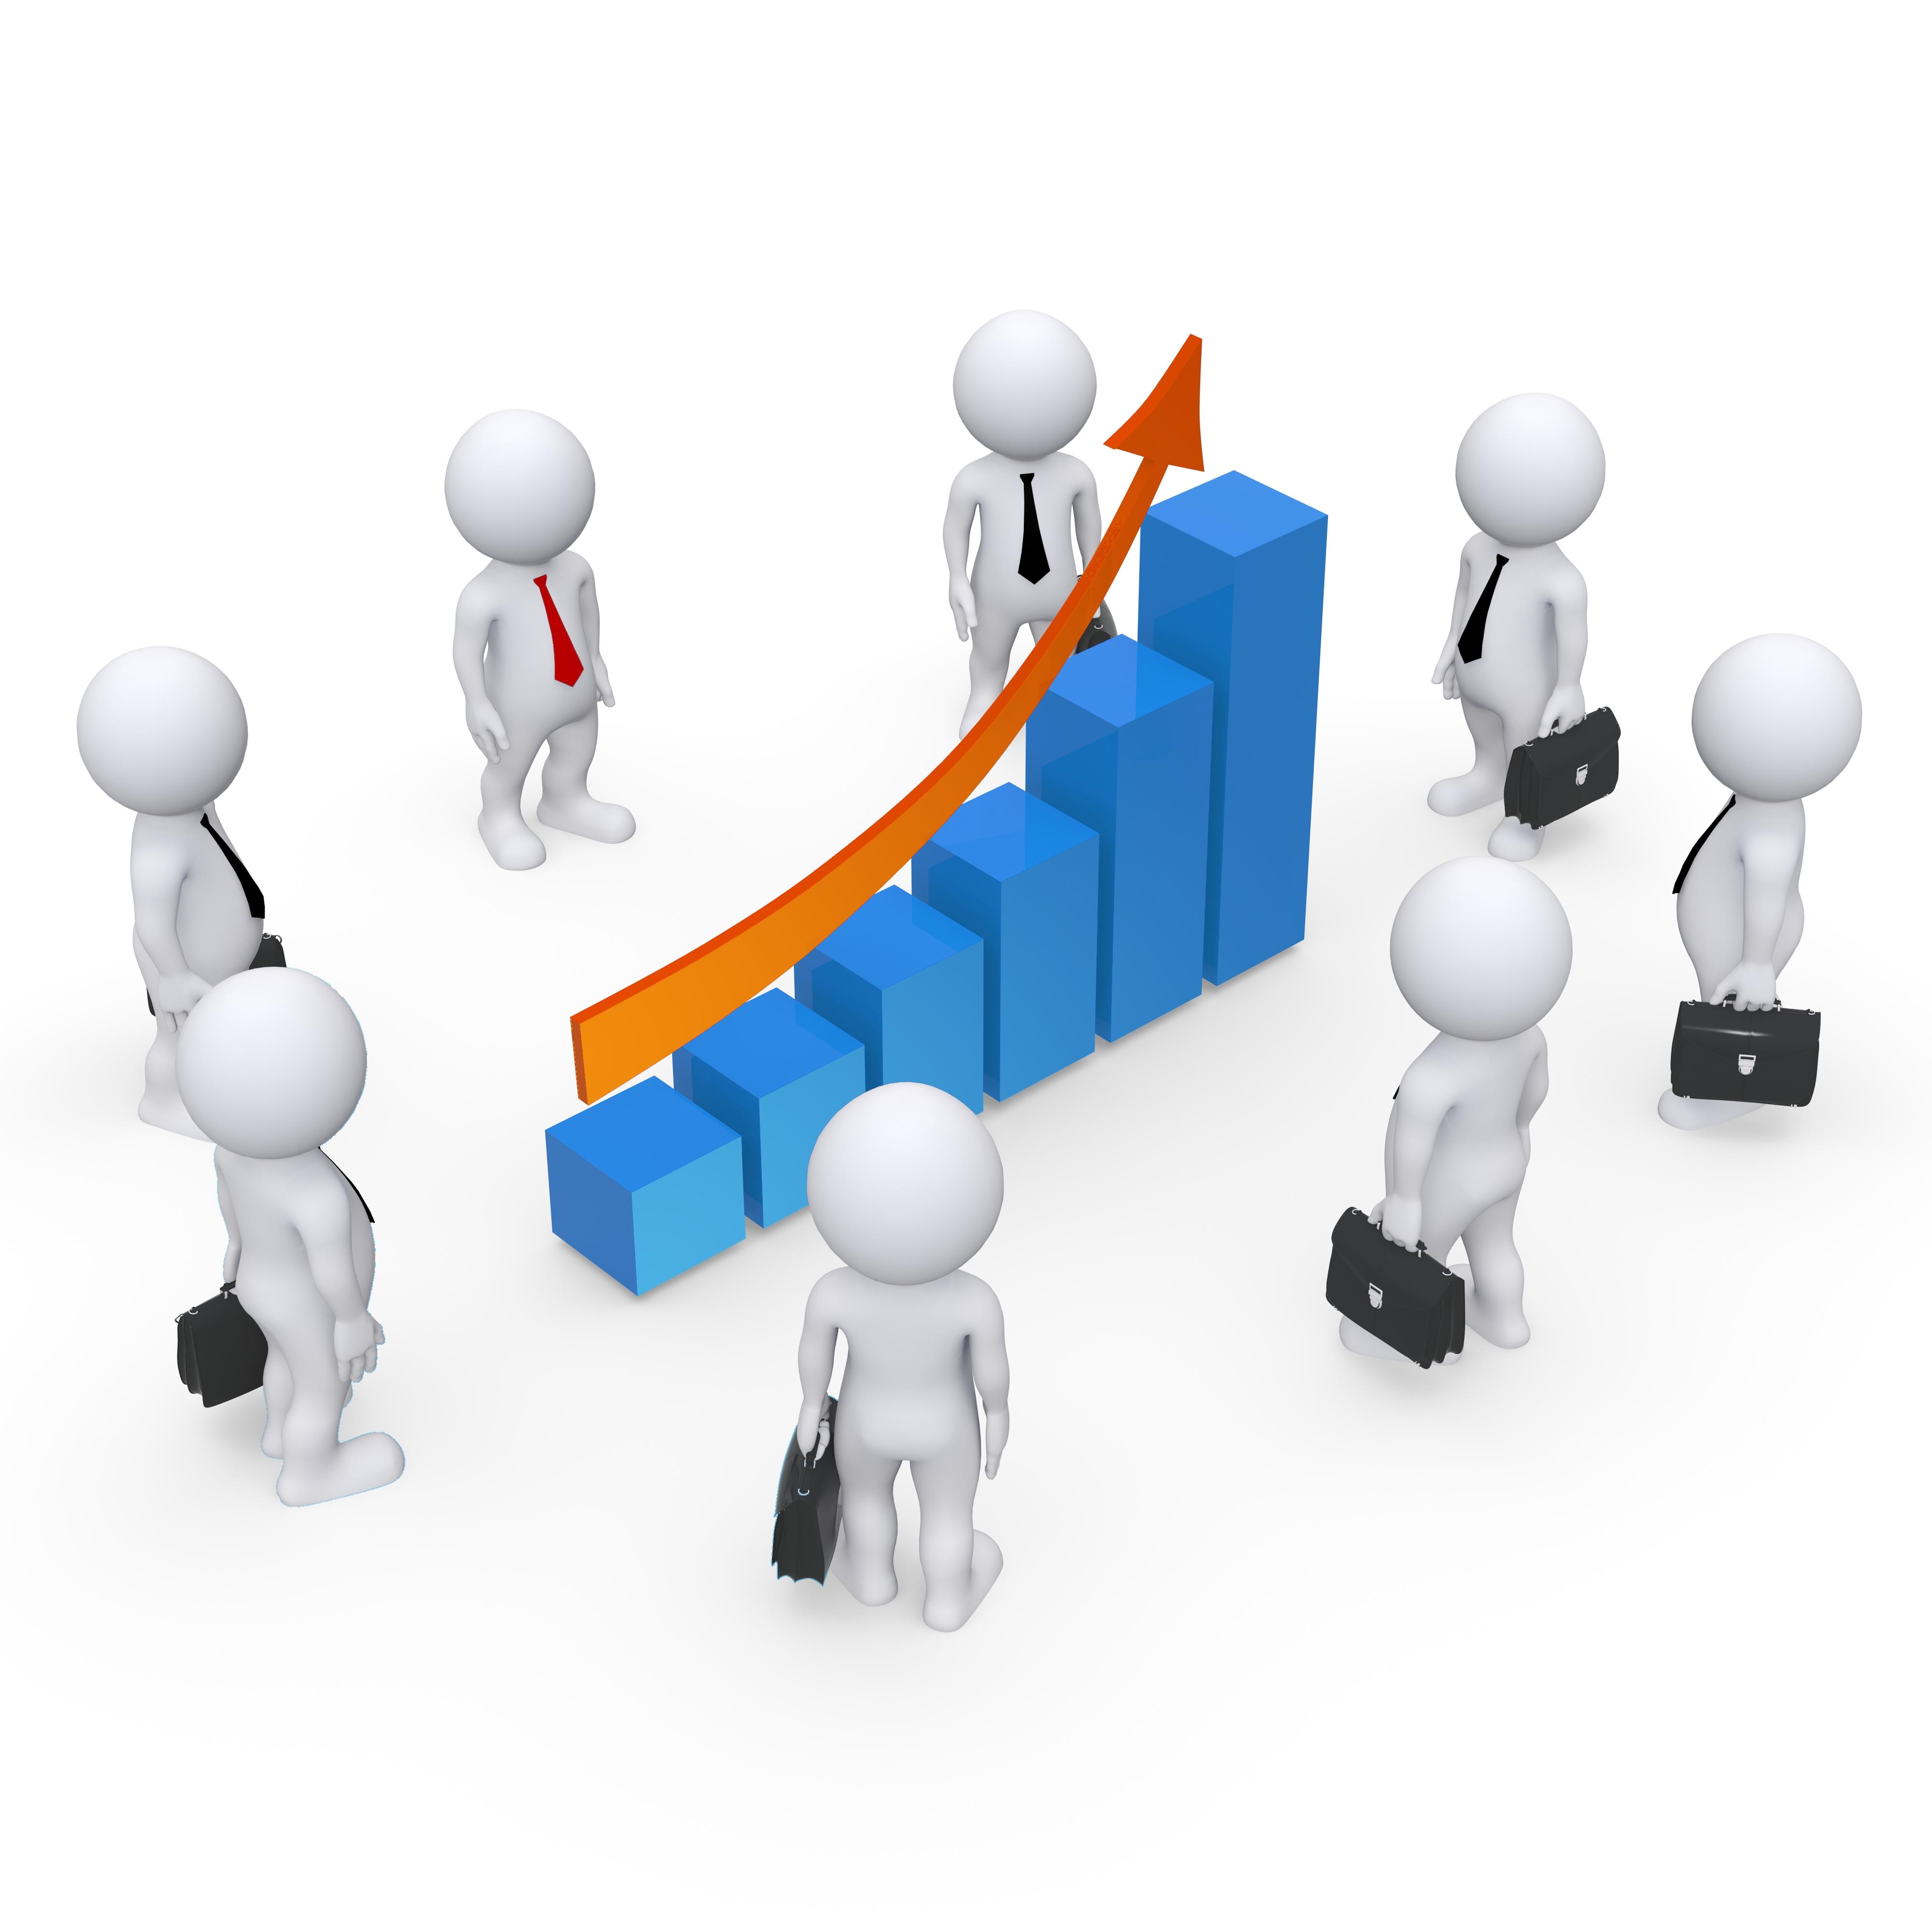 El inicio de año viene cargado de buenas perspectivas para la renta variable